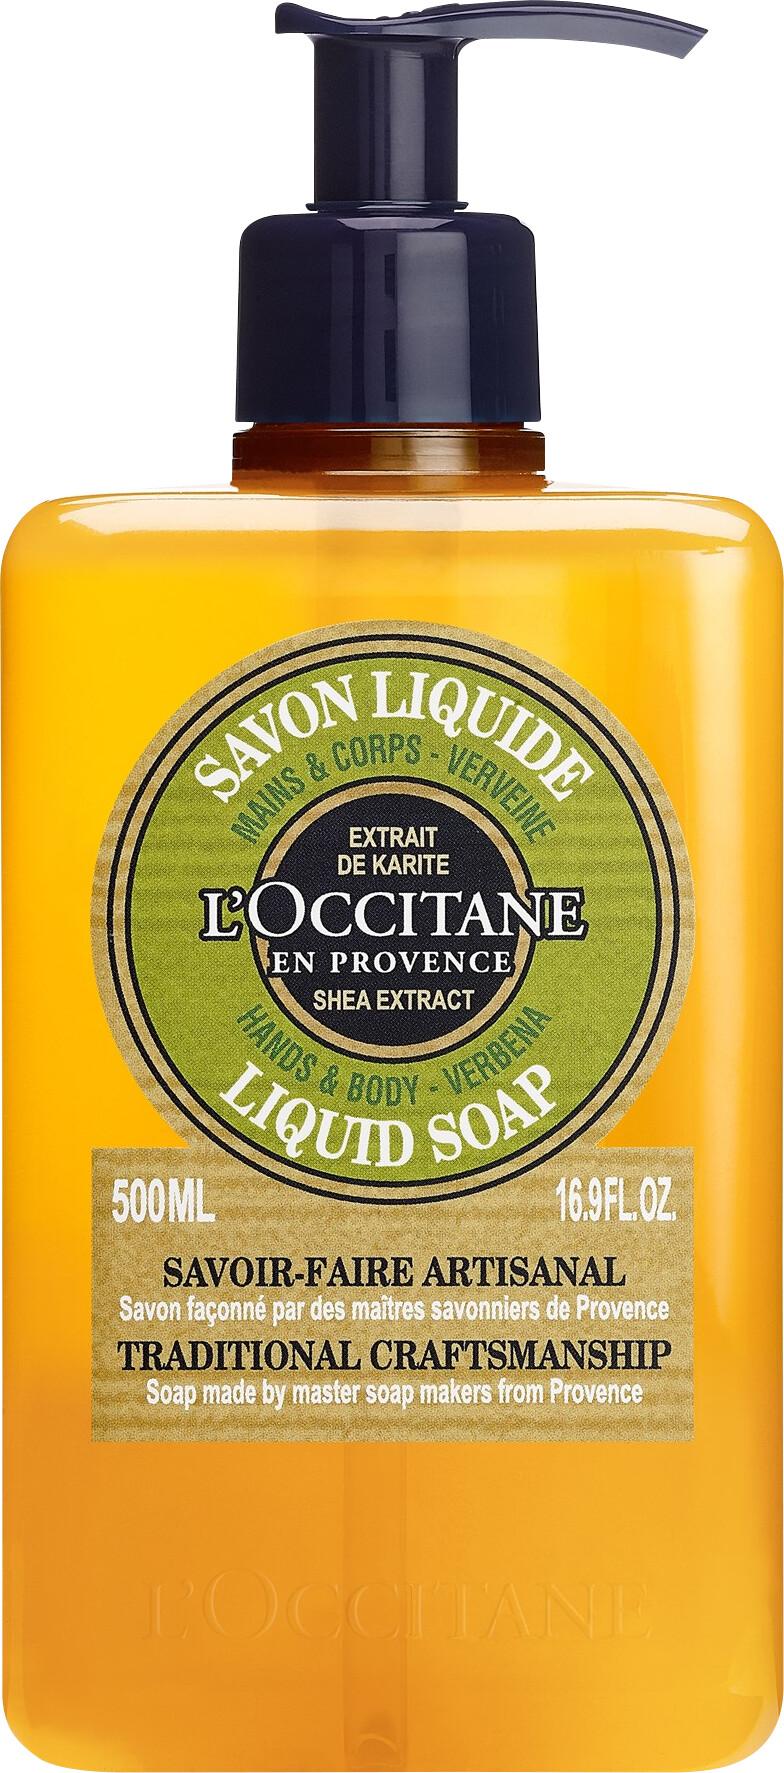 L'Occitane Verbena Liquid Soap 500ml